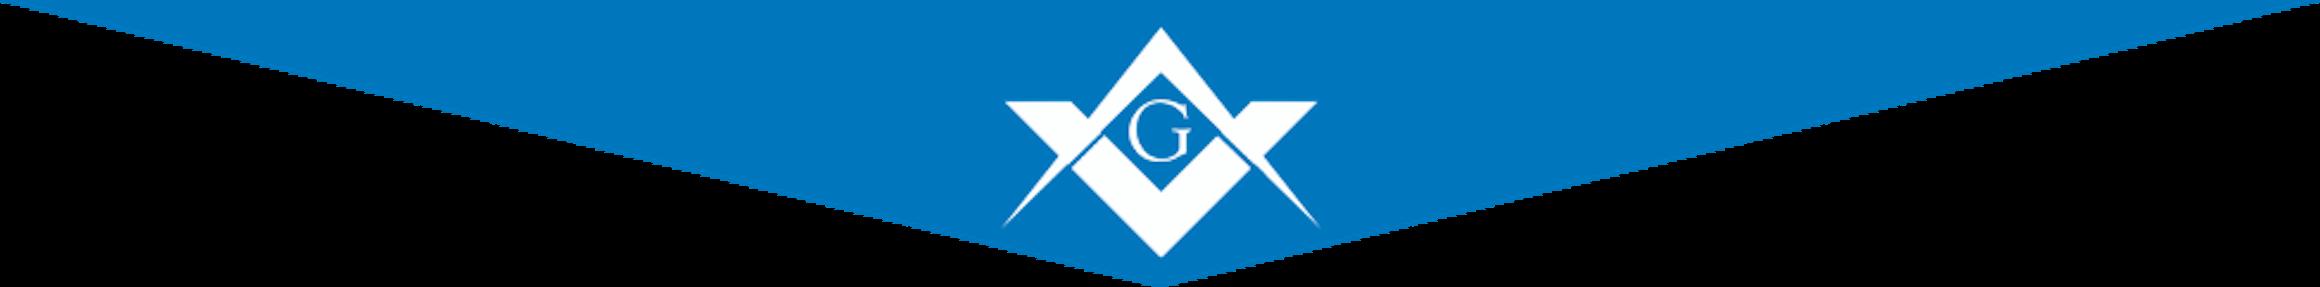 Glou Logo Top